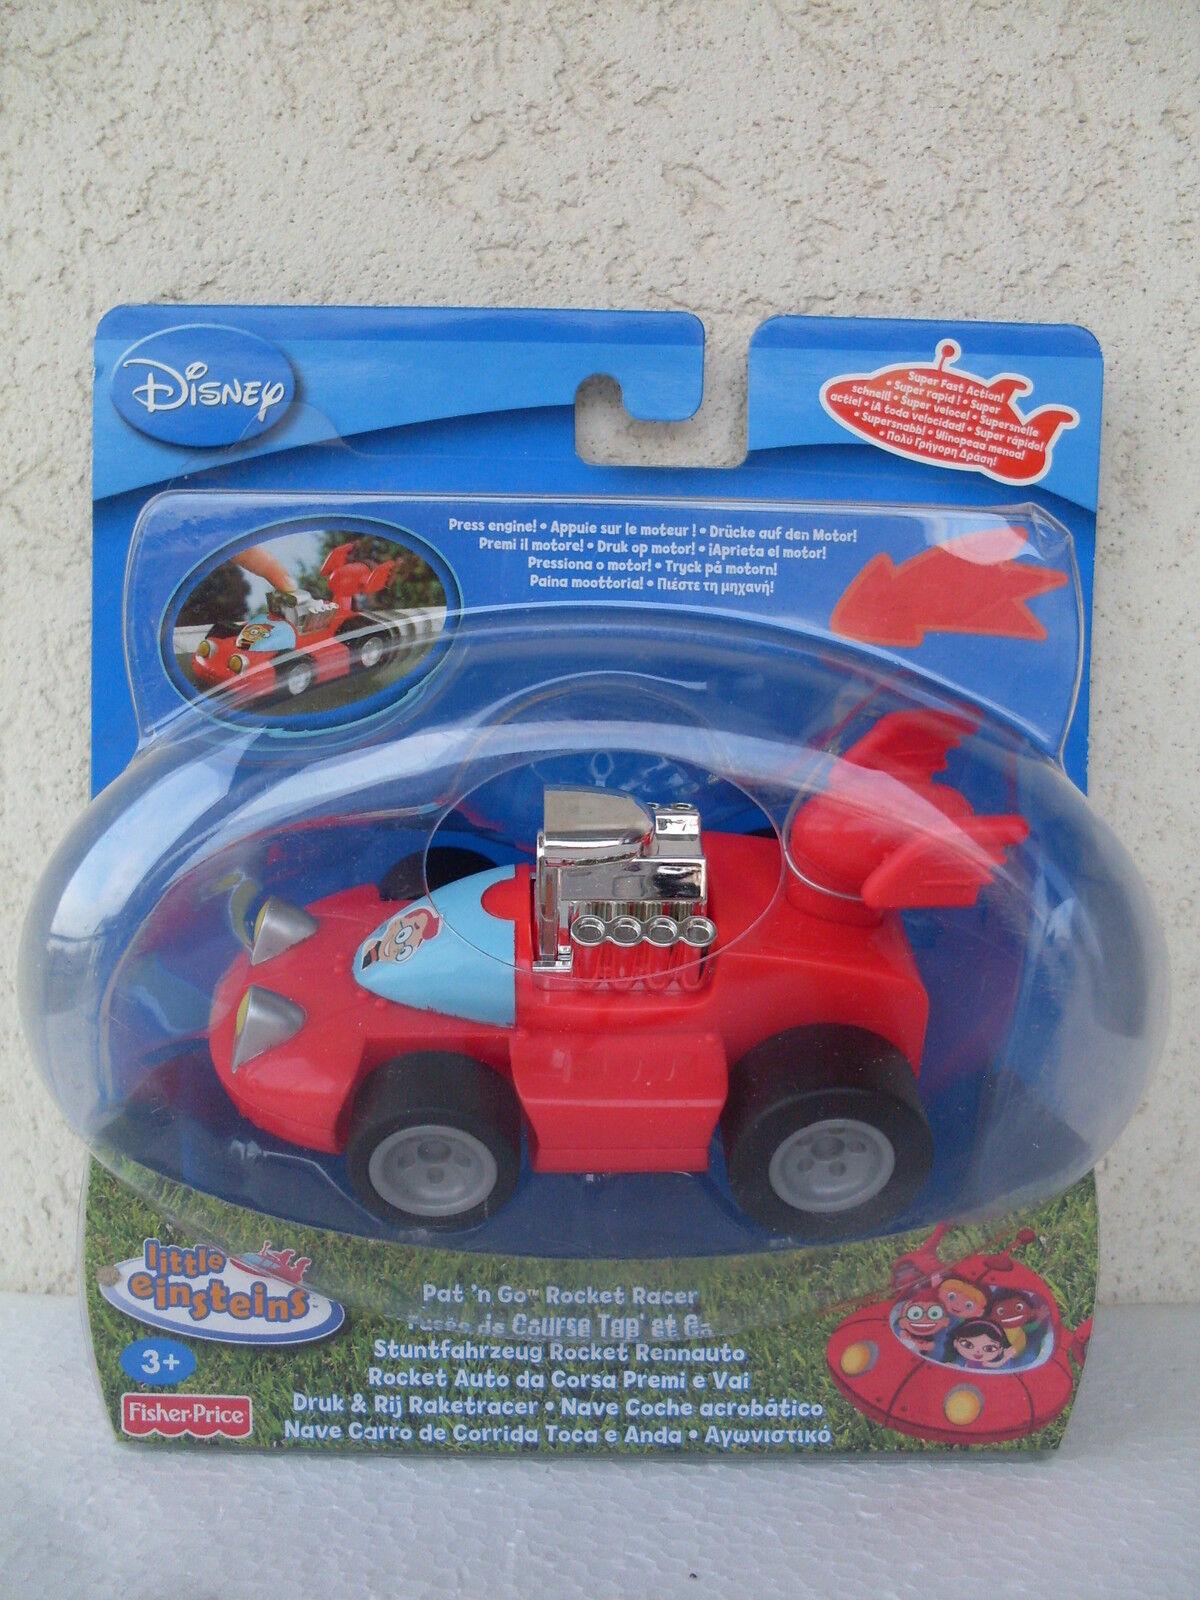 Pat'n go rocket racer little einsteins auto corsa premi vai car toy N7770 N3676